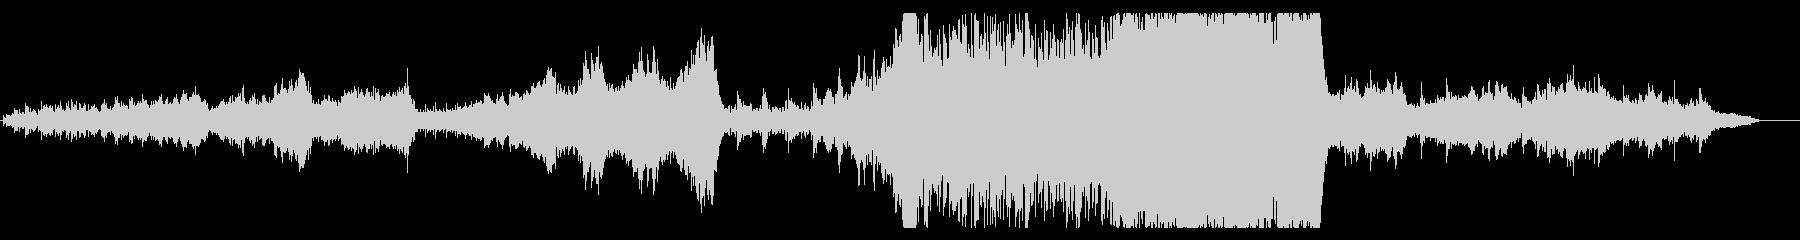 大自然壮大オーケストラ pno無の未再生の波形